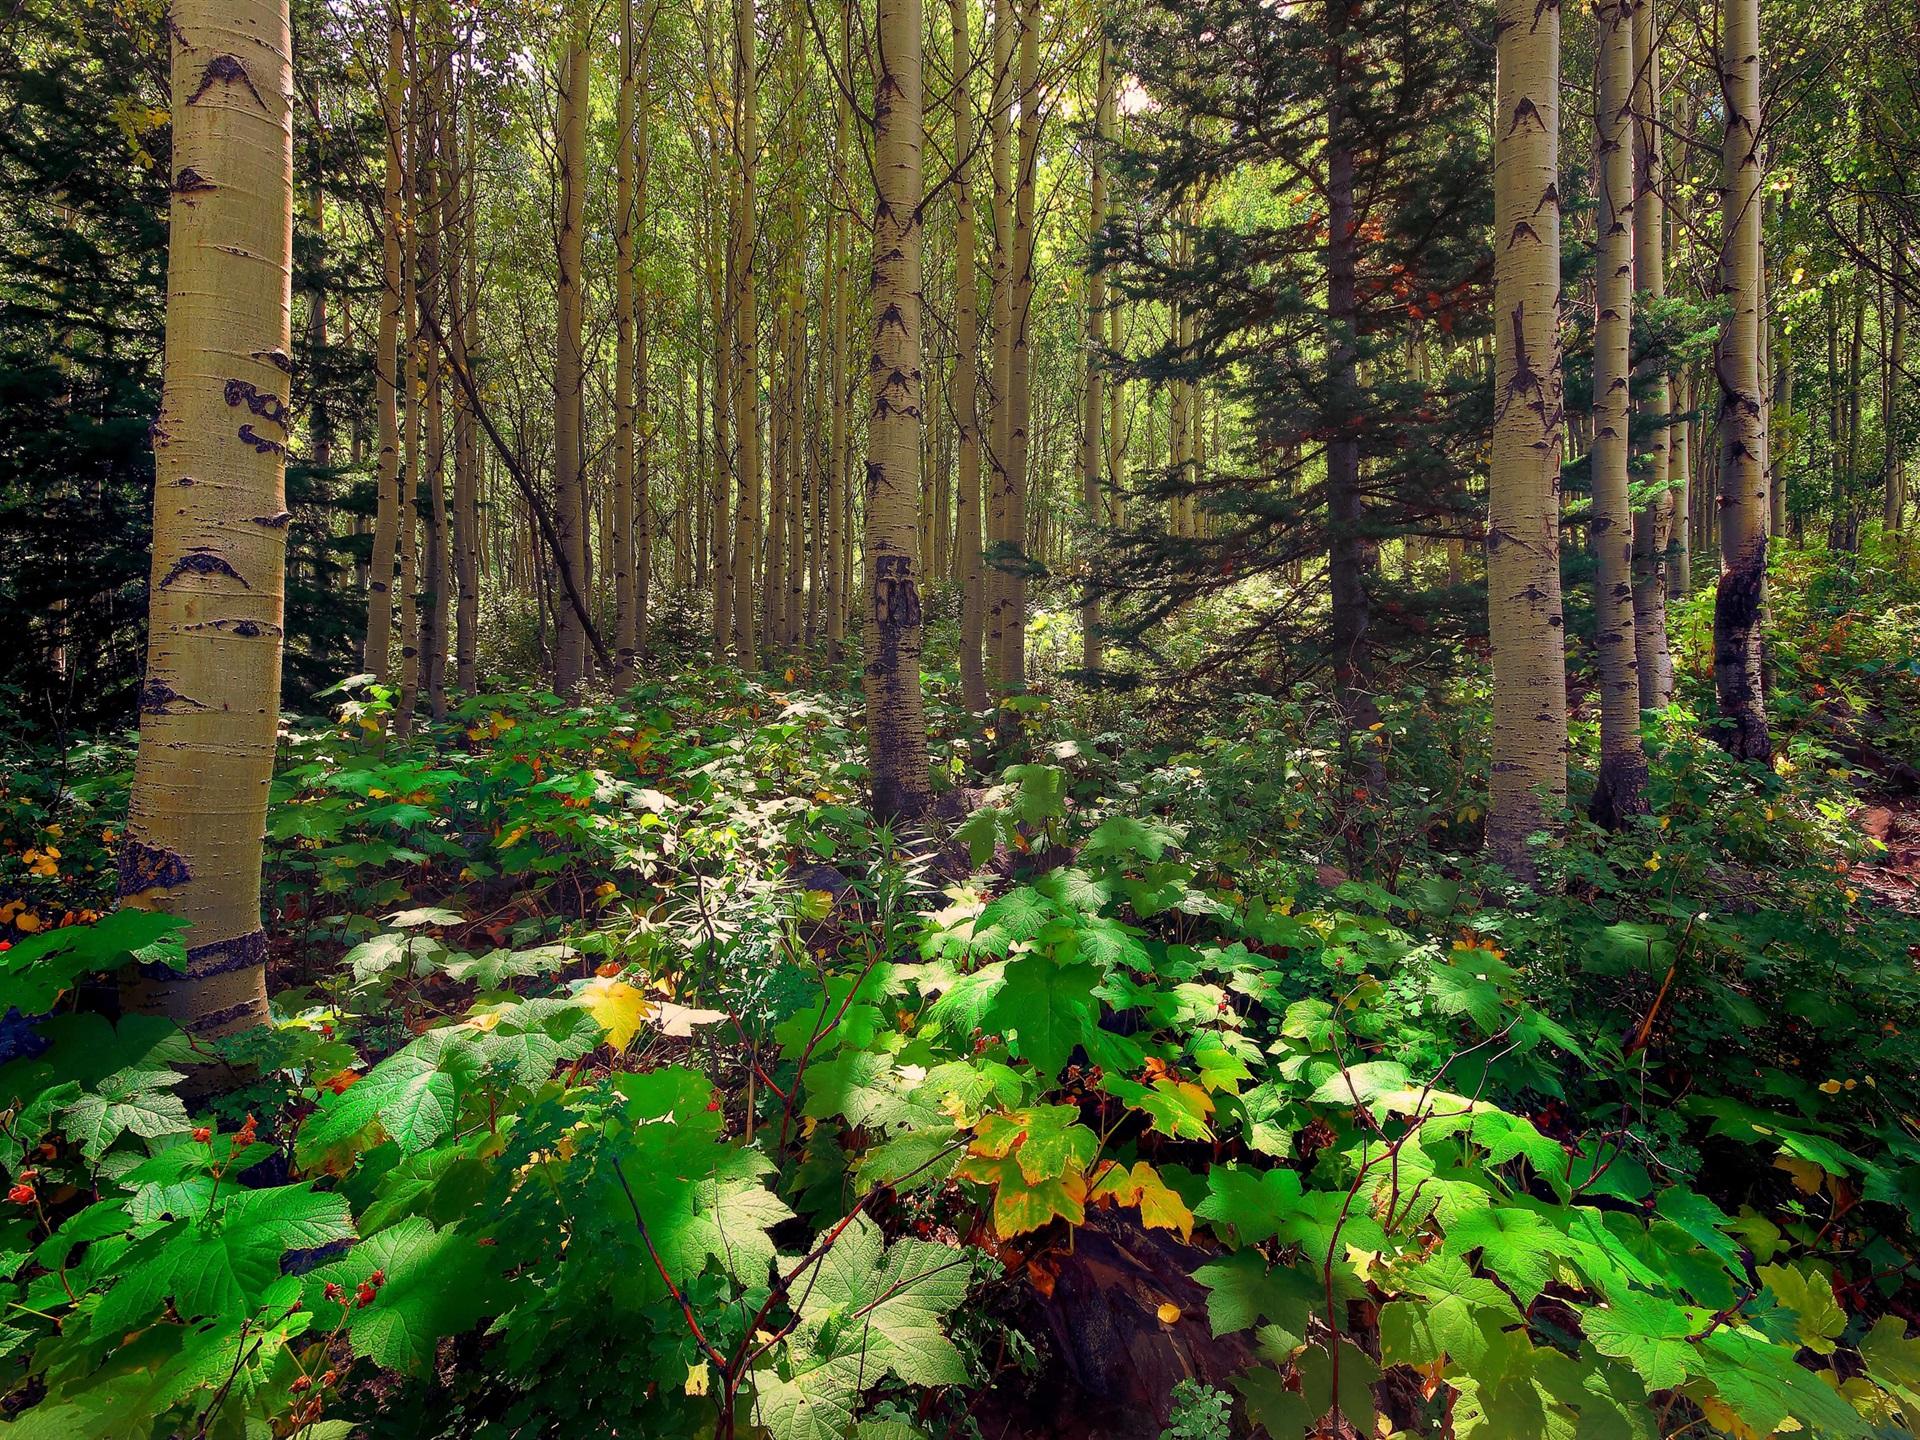 Forest trees aspen pine sunlight leaves wallpaper 1920x1440